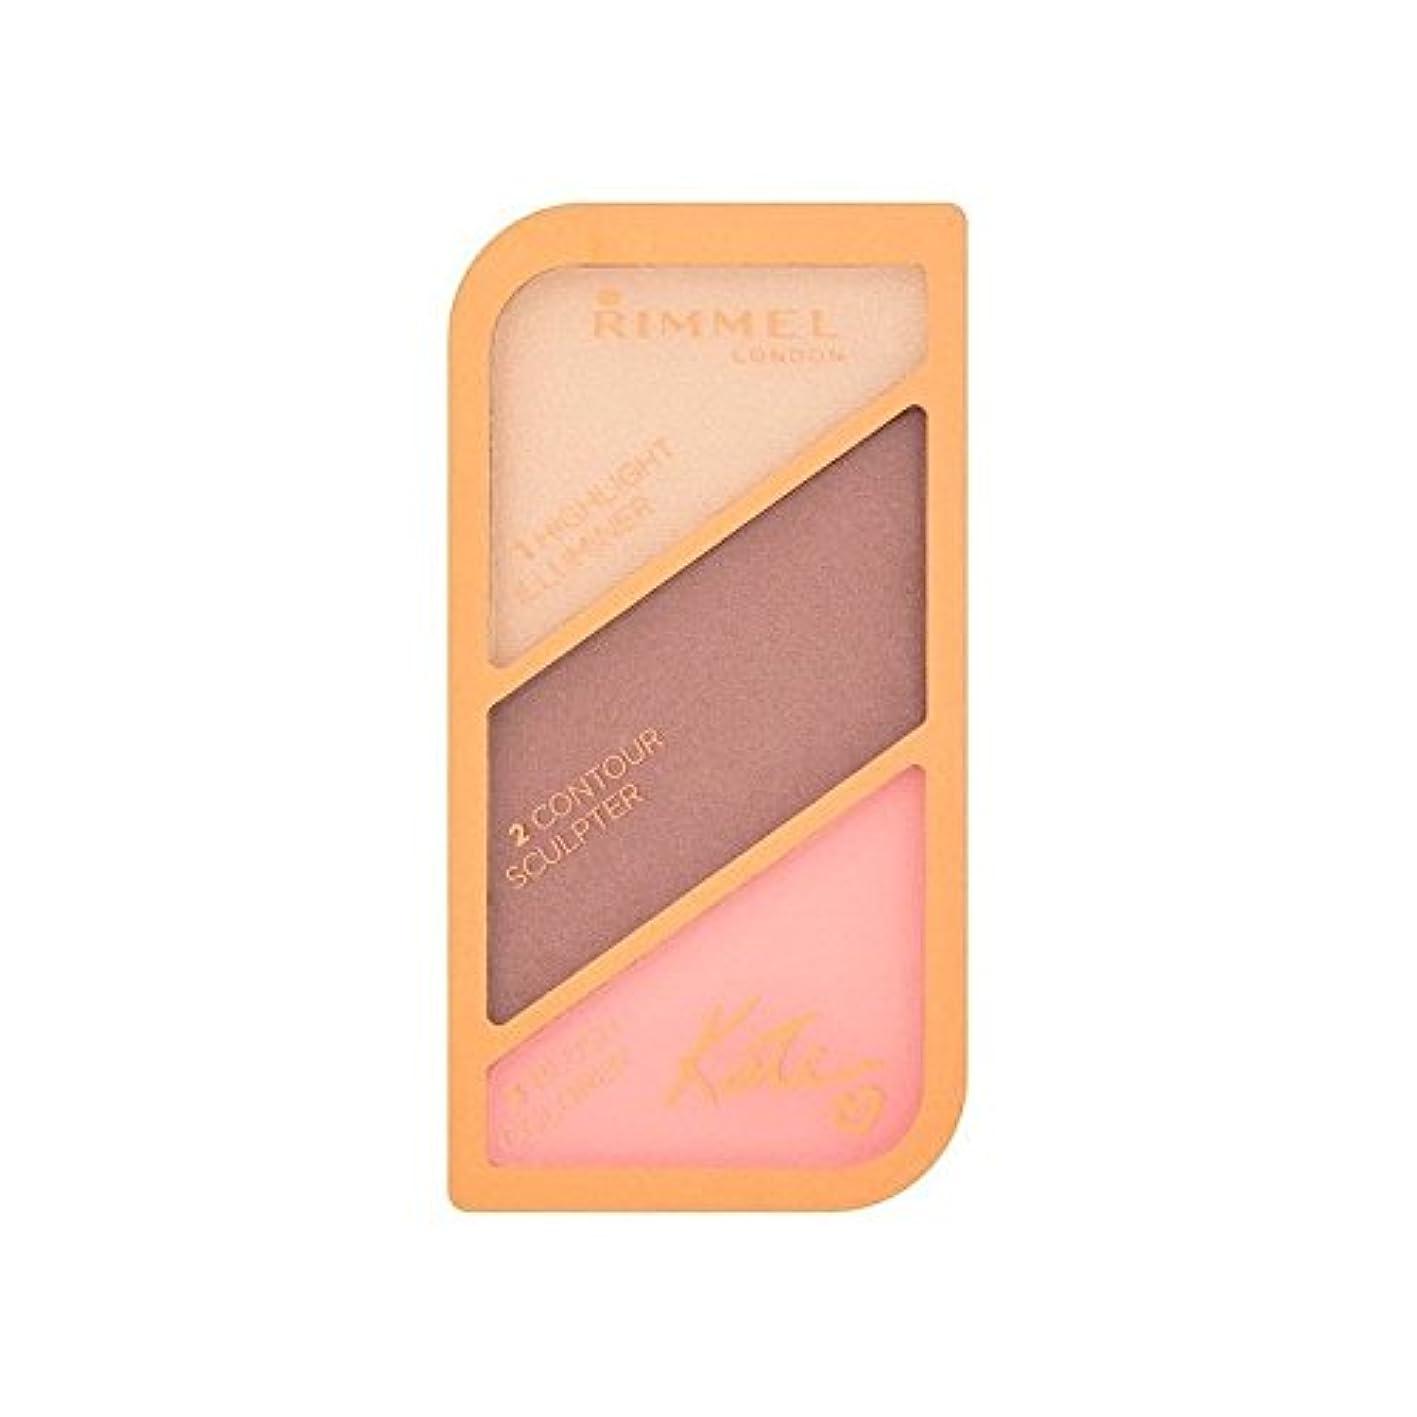 利得食べる将来のリンメルケイト?モスの彫刻パレット黄金のブロンズ003 x2 - Rimmel Kate Moss Sculpting Palette Golden Bronze 003 (Pack of 2) [並行輸入品]